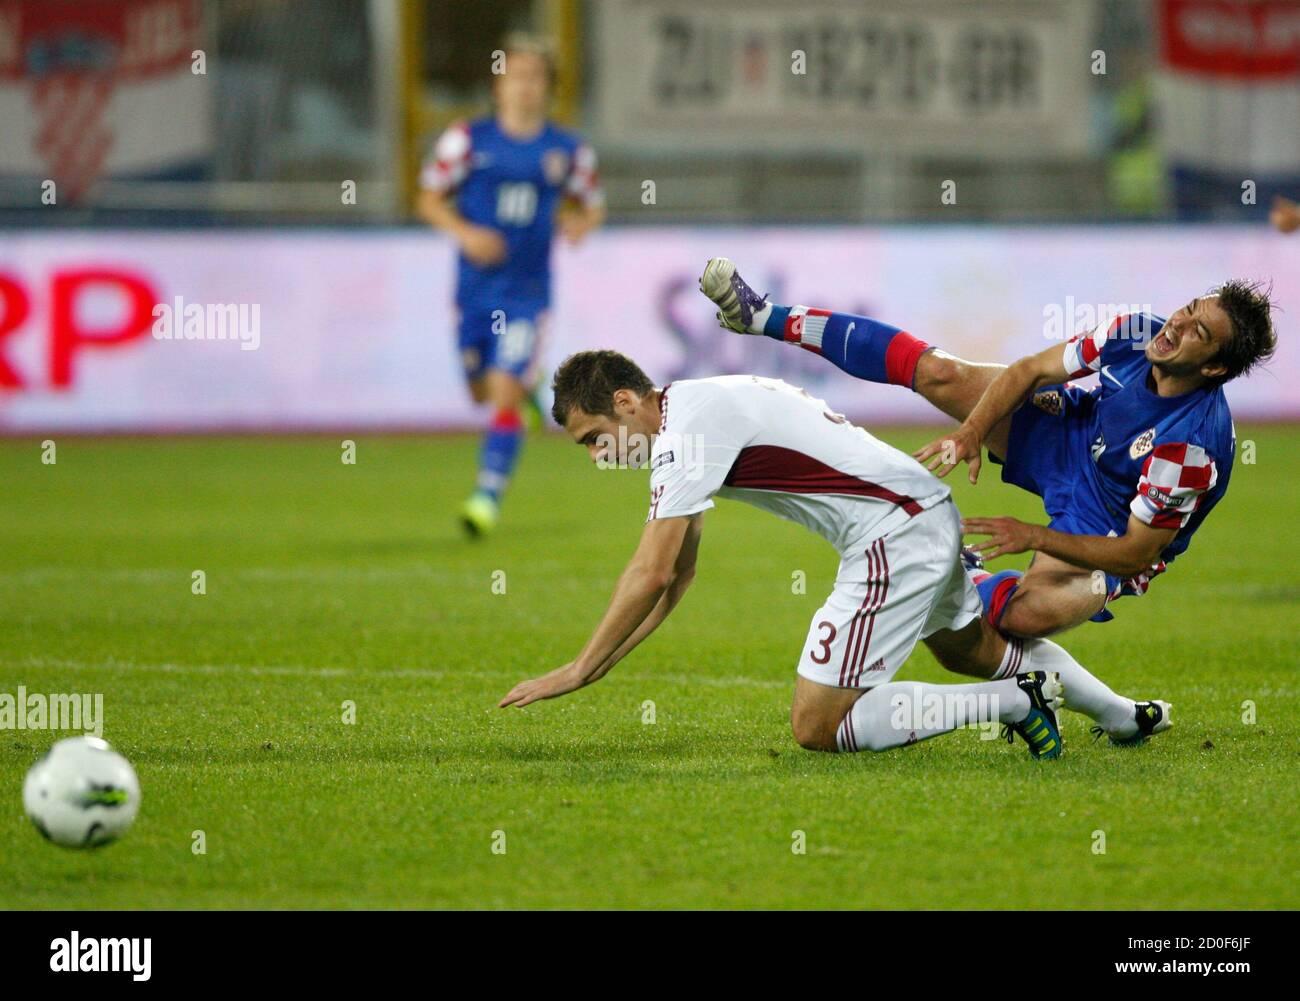 Transparentemente apertura como resultado  Croatia's Niko Kranjcar (R) challenges Latvia's Oskars Klava during their Euro  2012 Group F qualifying soccer